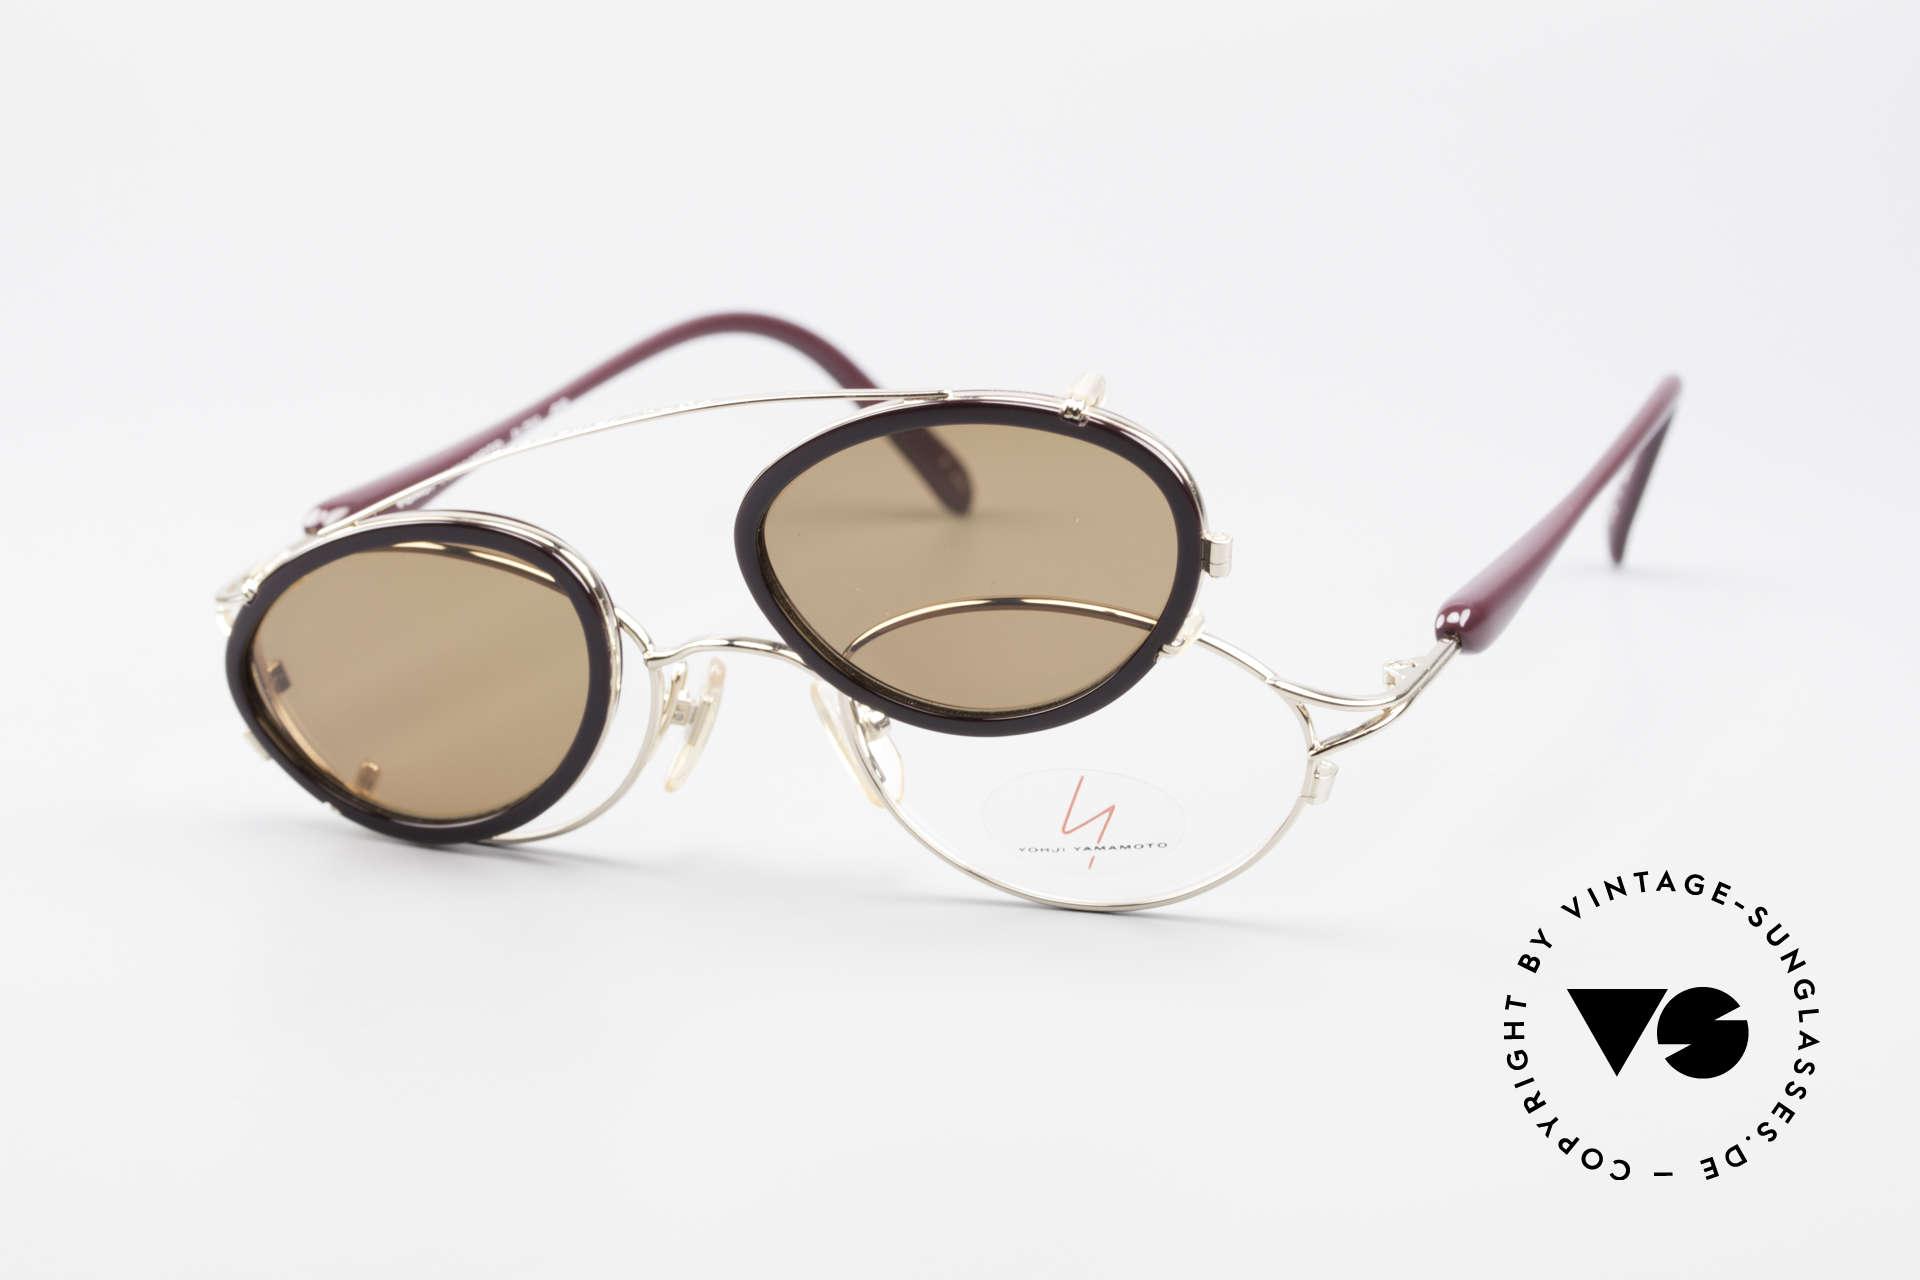 Yohji Yamamoto 51-7210 90er No Retro Clip-On Brille, die Fassung kann natürlich beliebig verglast werden, Passend für Herren und Damen